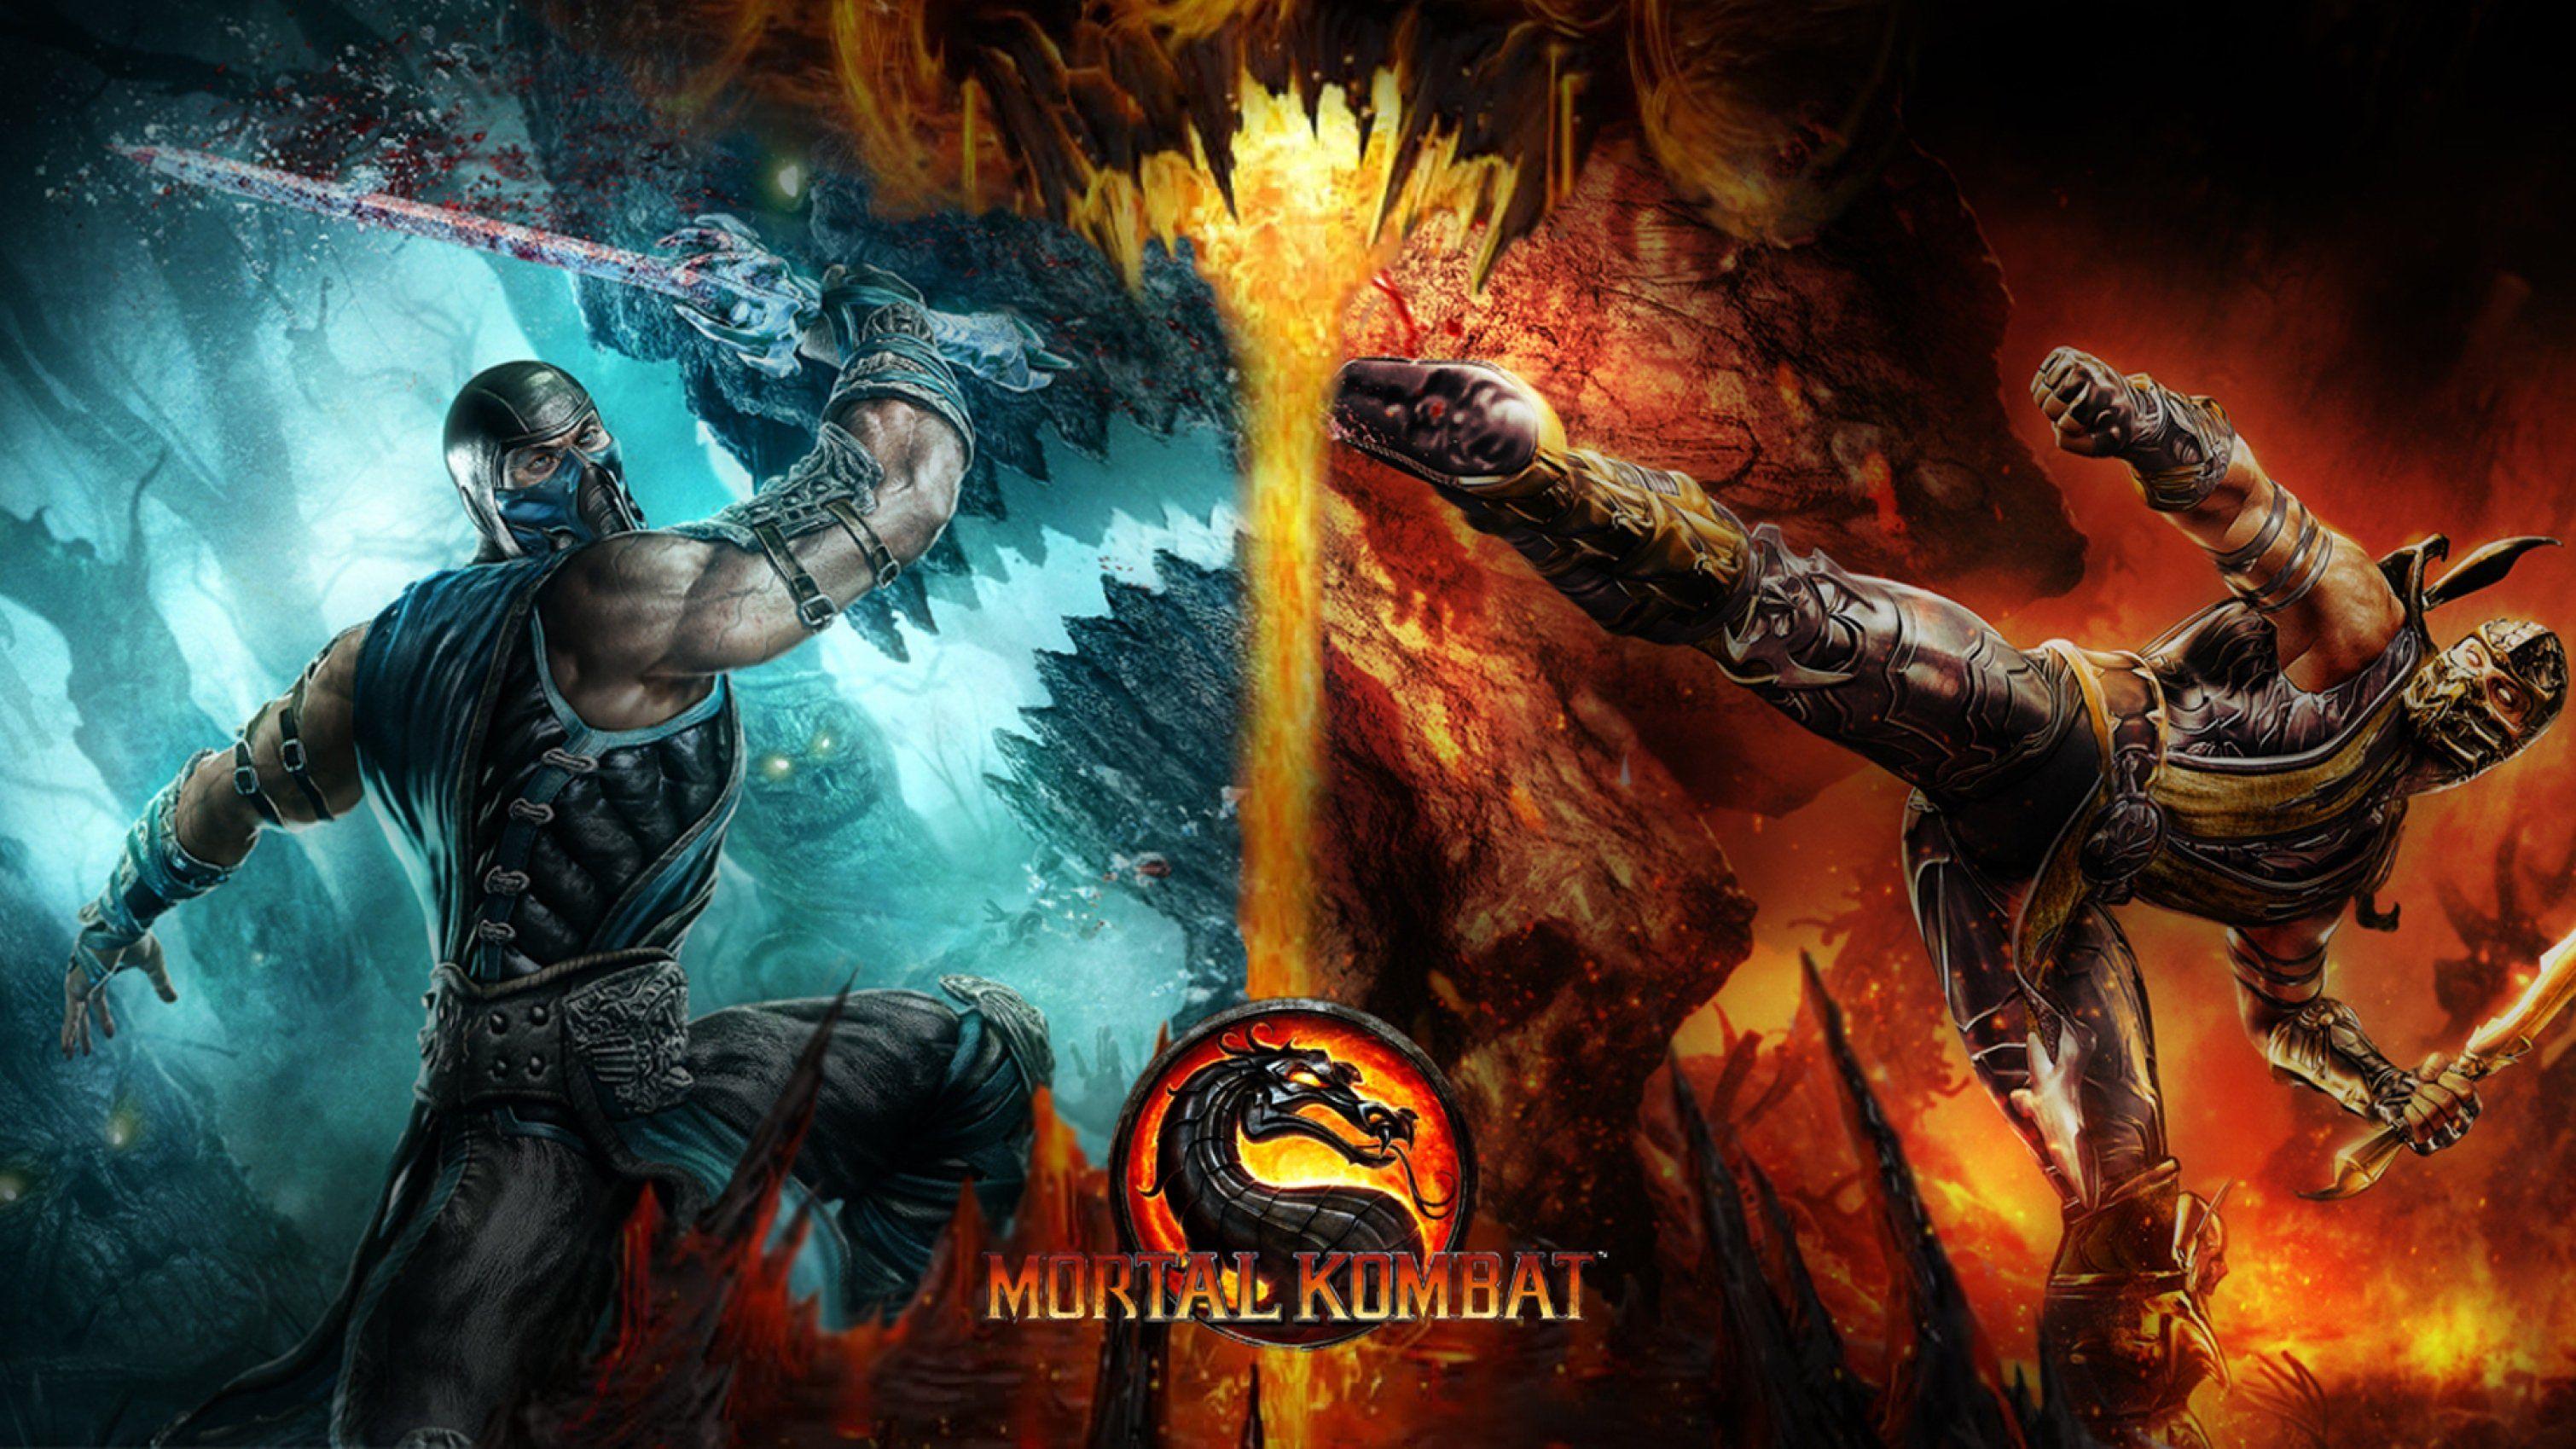 50 Fondos De Pantalla 4k Anime Juegos Y Mas Mortal Kombat 9 Mortal Kombat X Mortal Kombat X Wallpapers